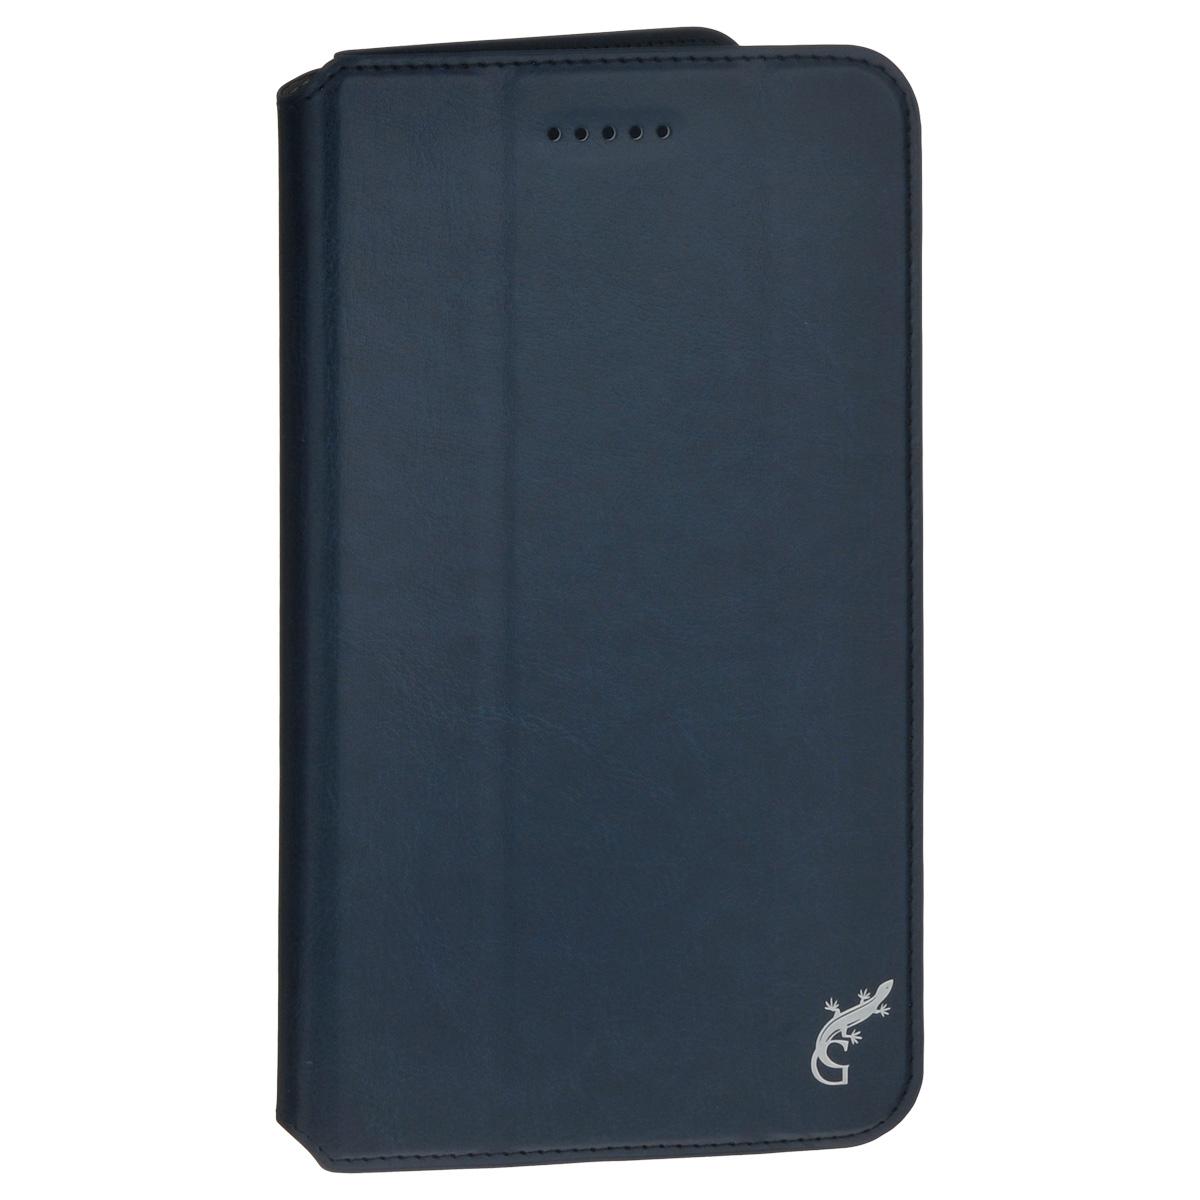 G-Case Executive чехол для Huawei MediaPad T1 7, Dark BlueGG-706Счастливые обладатели навороченных планшетов знают, как важно беречь устройство от негативных внешних и прочих механических воздействий. В противном случае можно довольно быстро расстаться с дорогостоящим гаджетом. Во избежание неприятных сюрпризов достаточно купить чехол G-Case Executive для Huawei MediaPad T1, чтобы наслаждаться своим смартфоном дома, на досуге или в дороге. Чехол-книжка тщательно продуман разработчиками для обеспечения максимальной защиты электронного устройства от пыли, влаги, грязи, ударов, падений, царапин и потертостей.